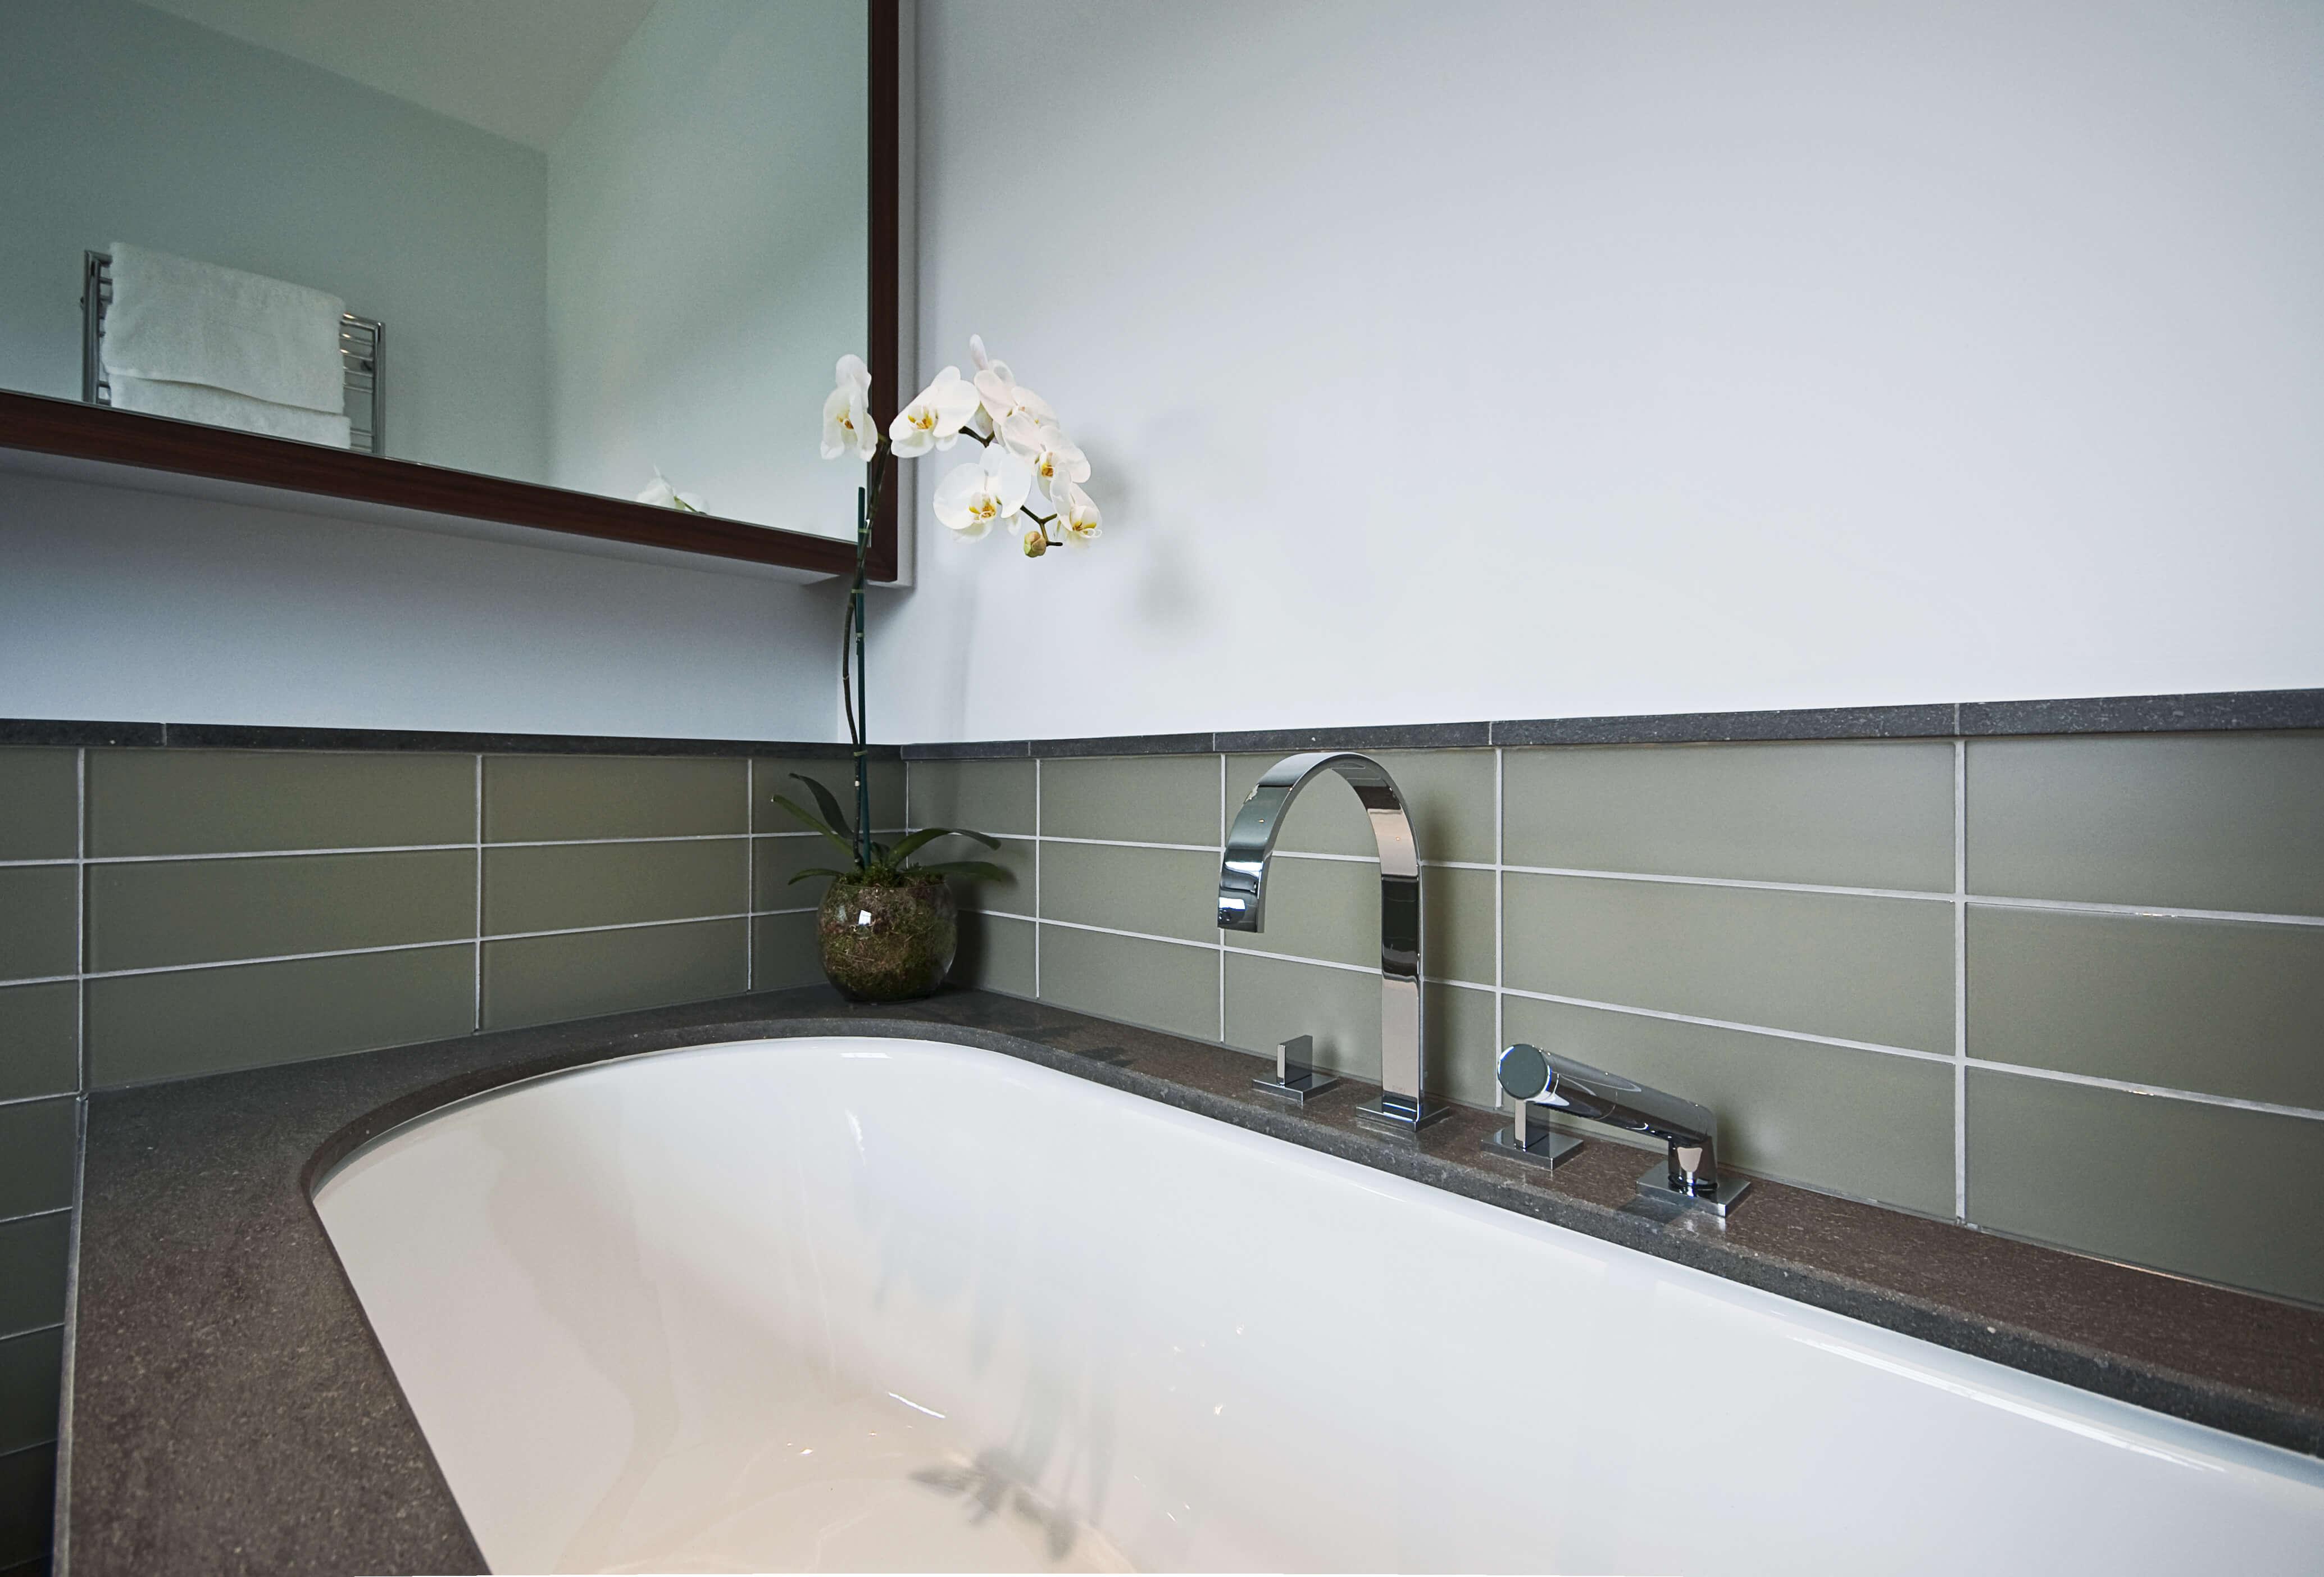 Produit Blanchir Joint Salle De Bain comment nettoyer ses joints de salle de bain ? - l'atelier